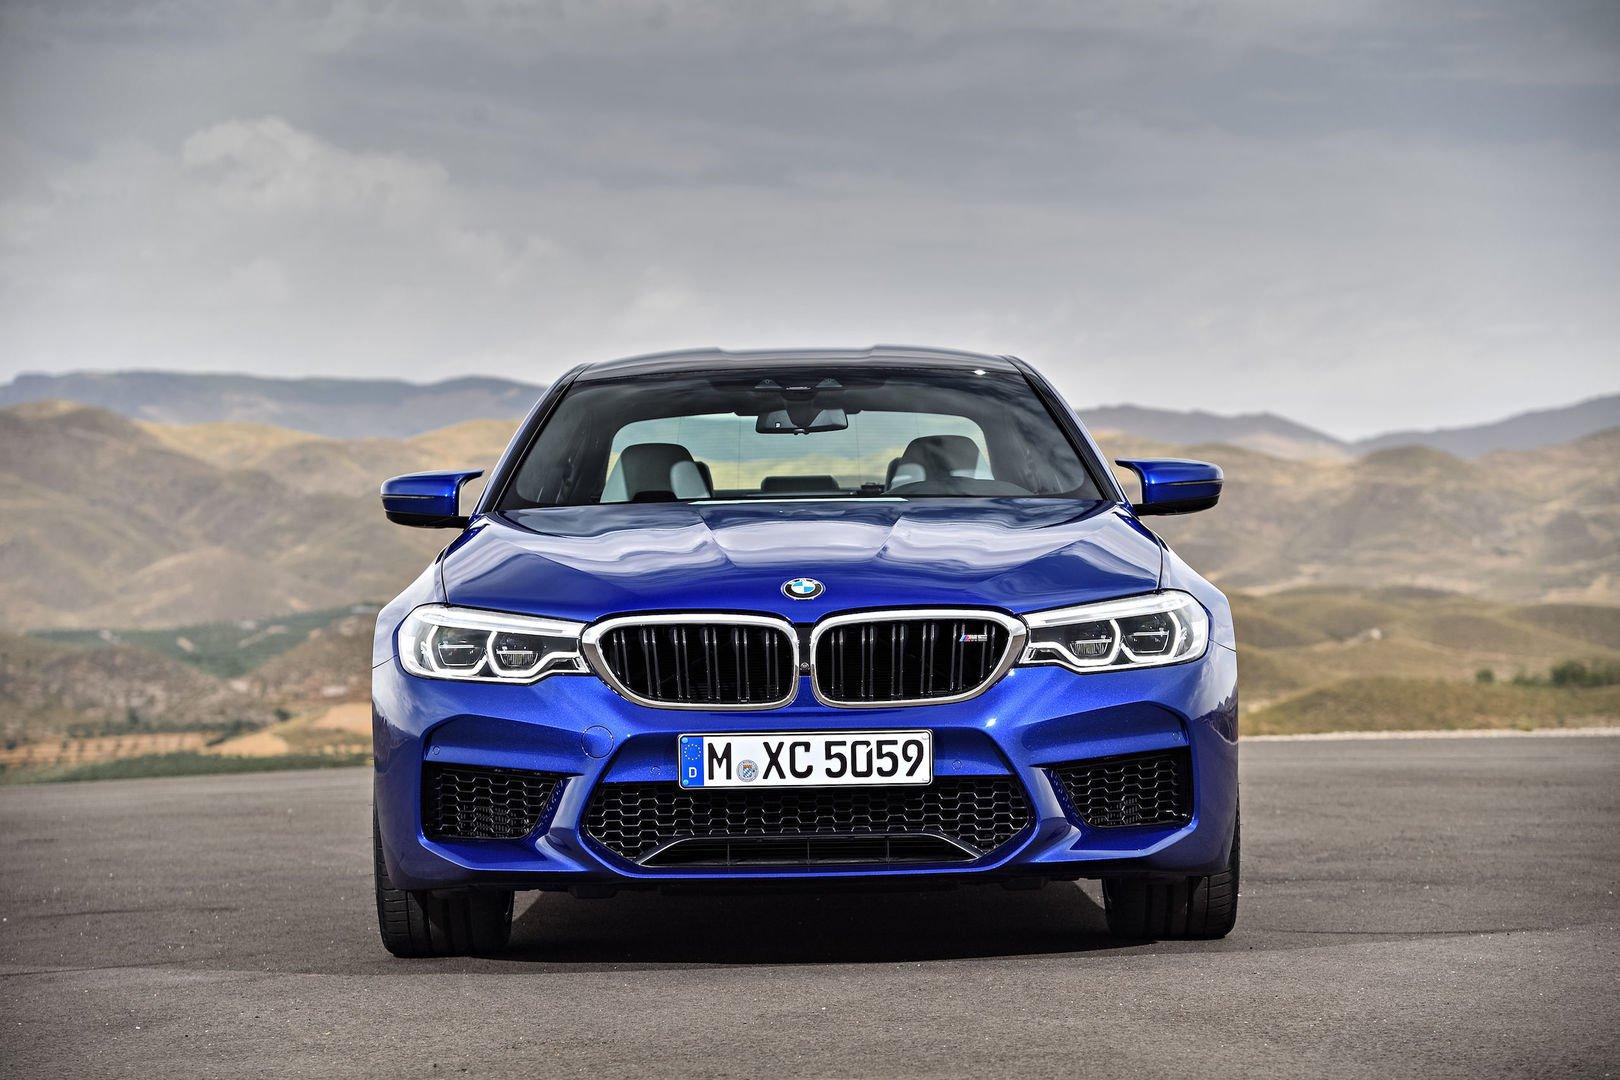 Nuova BMW M5: 600 cavalli e un innovativo sistema di trazione integrale